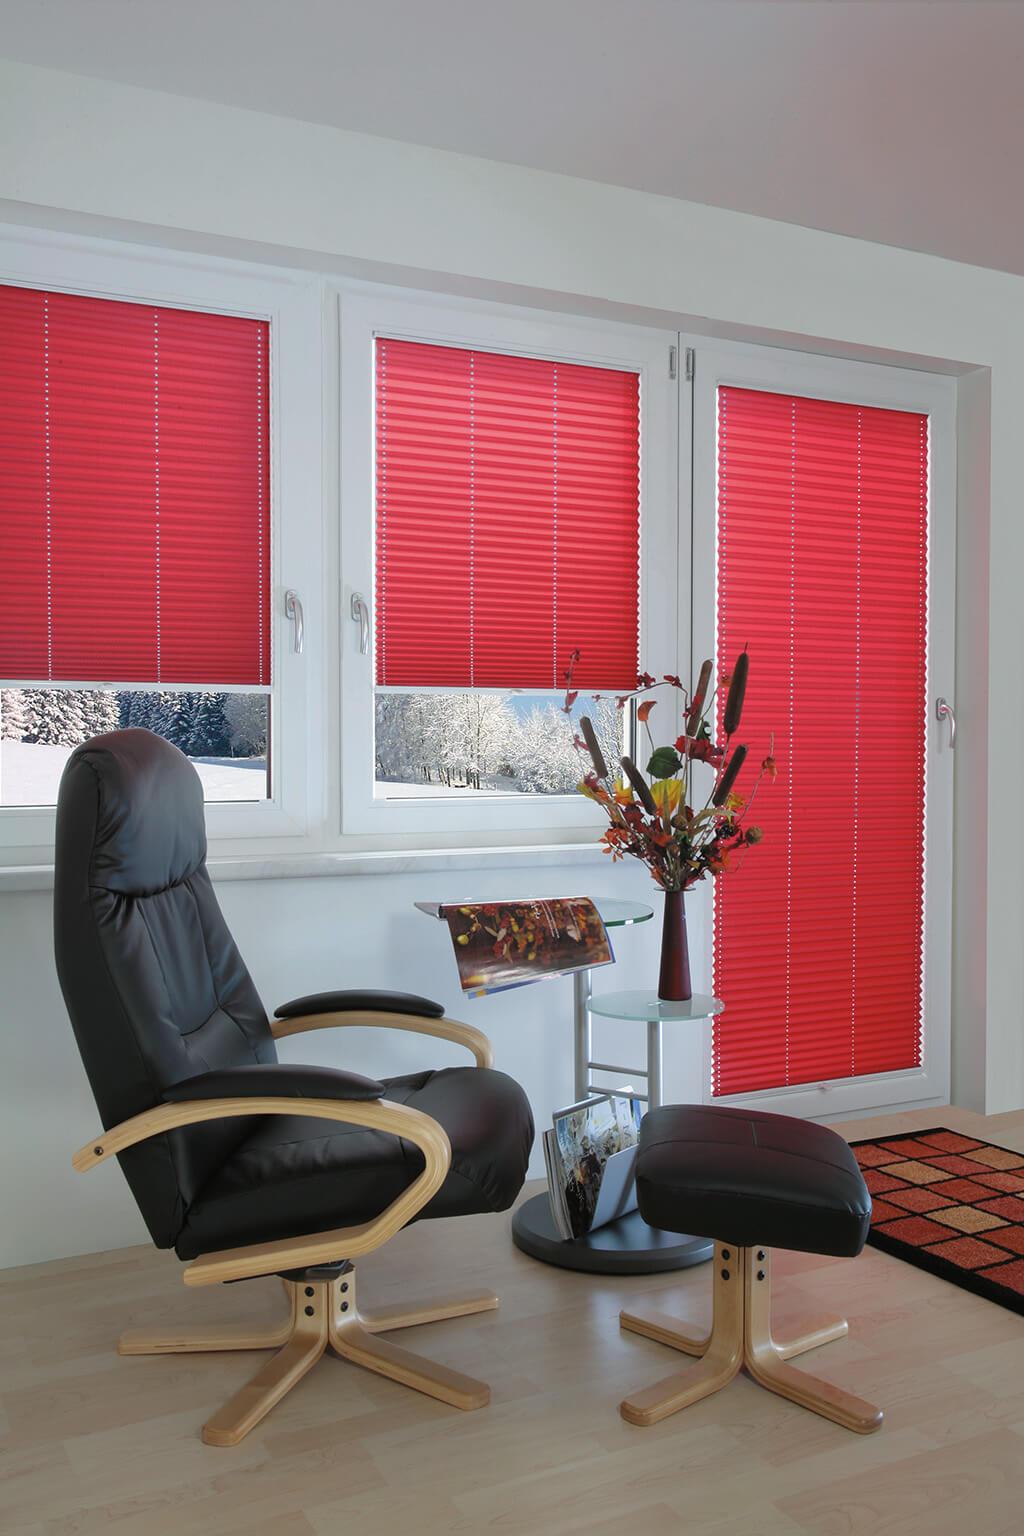 Plissee krafitgem Rot für klare Akzente an Fenstern und Tür